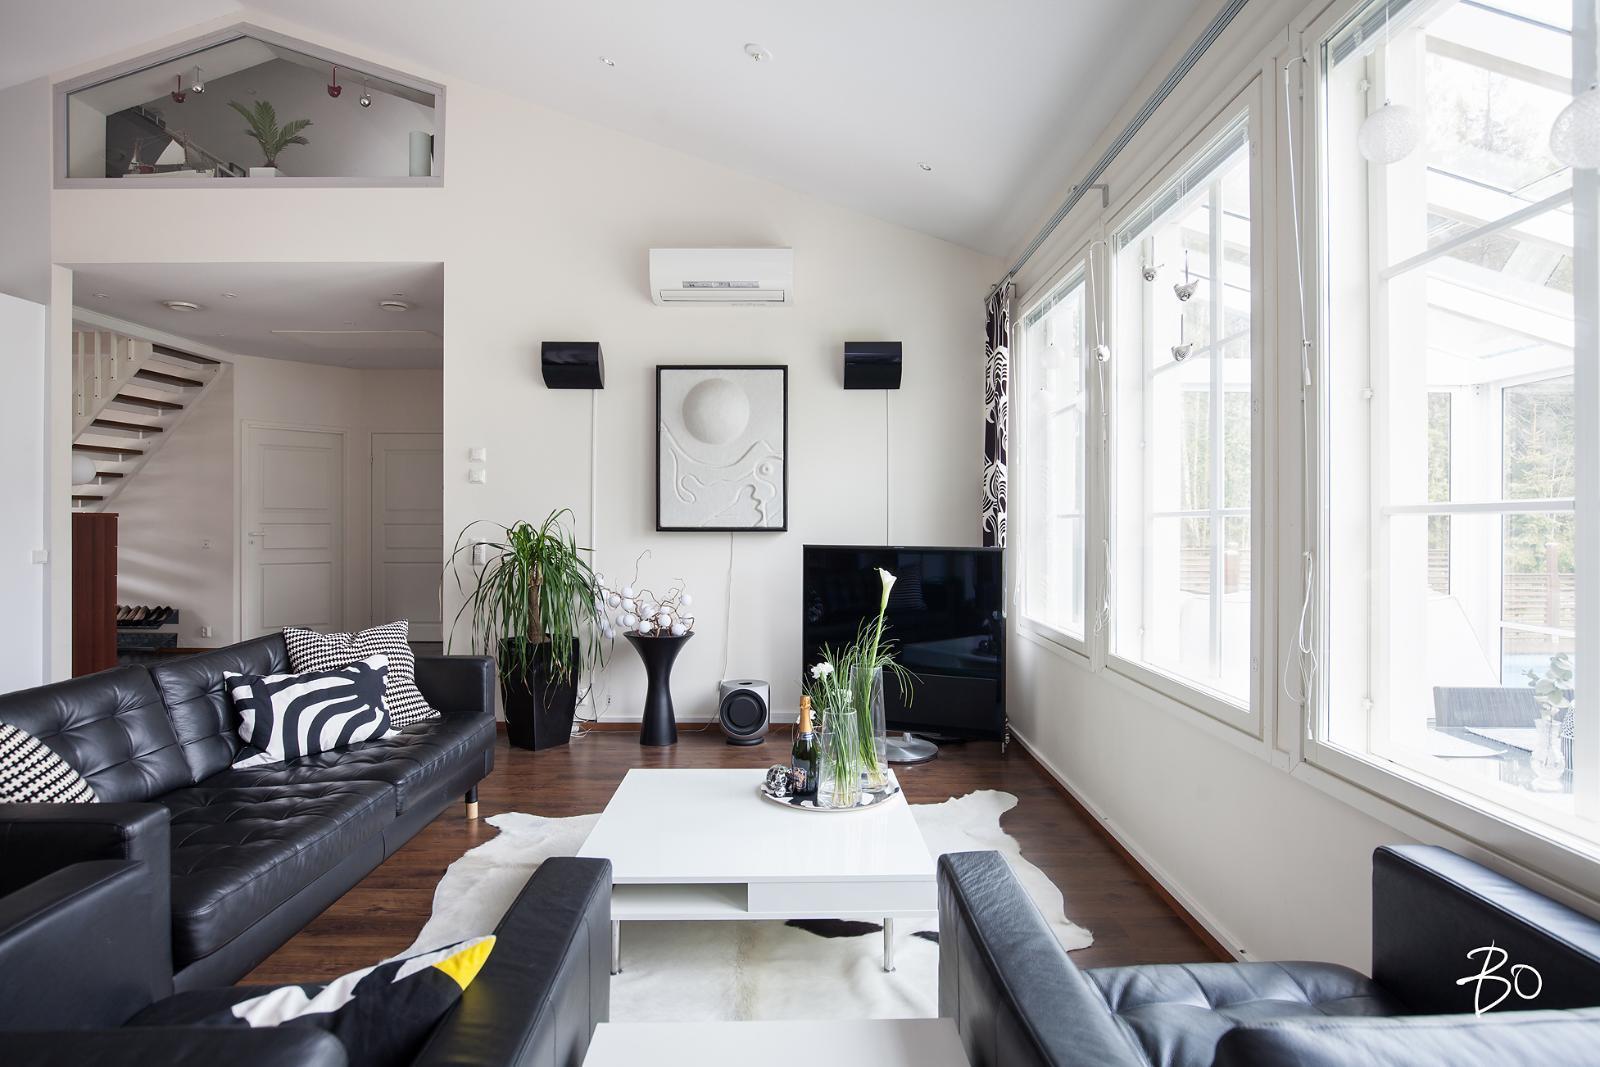 Moderni mustavalkoinen olohuone  Etuovi com Ideat & vinkit